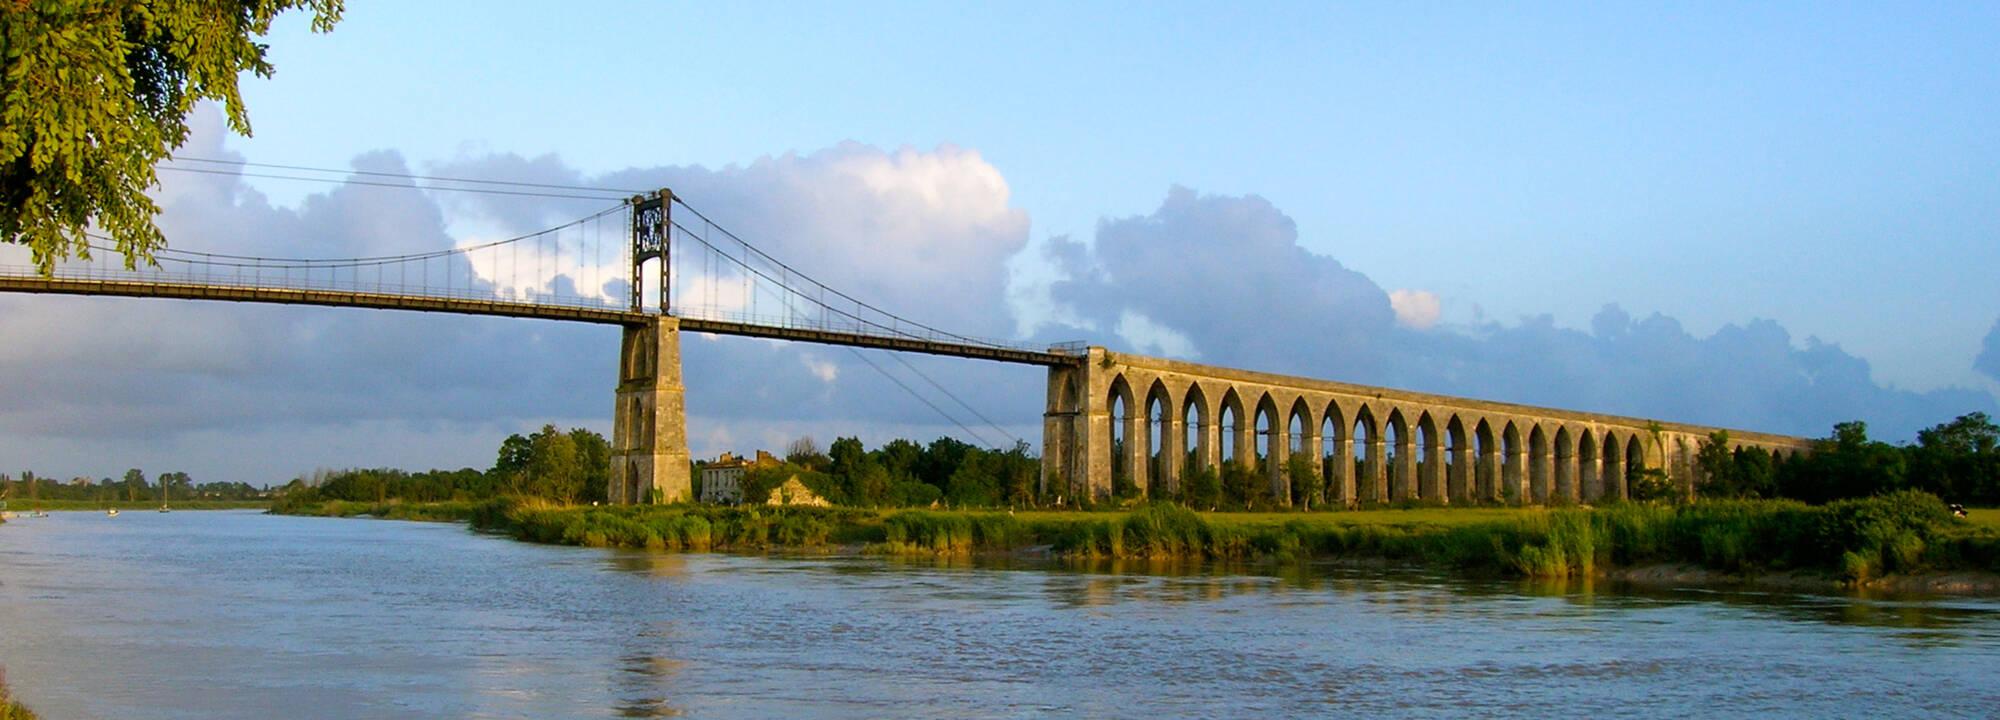 Pont suspendu de tonnay charente office de tourisme de - Piscine de tonnay charente ...